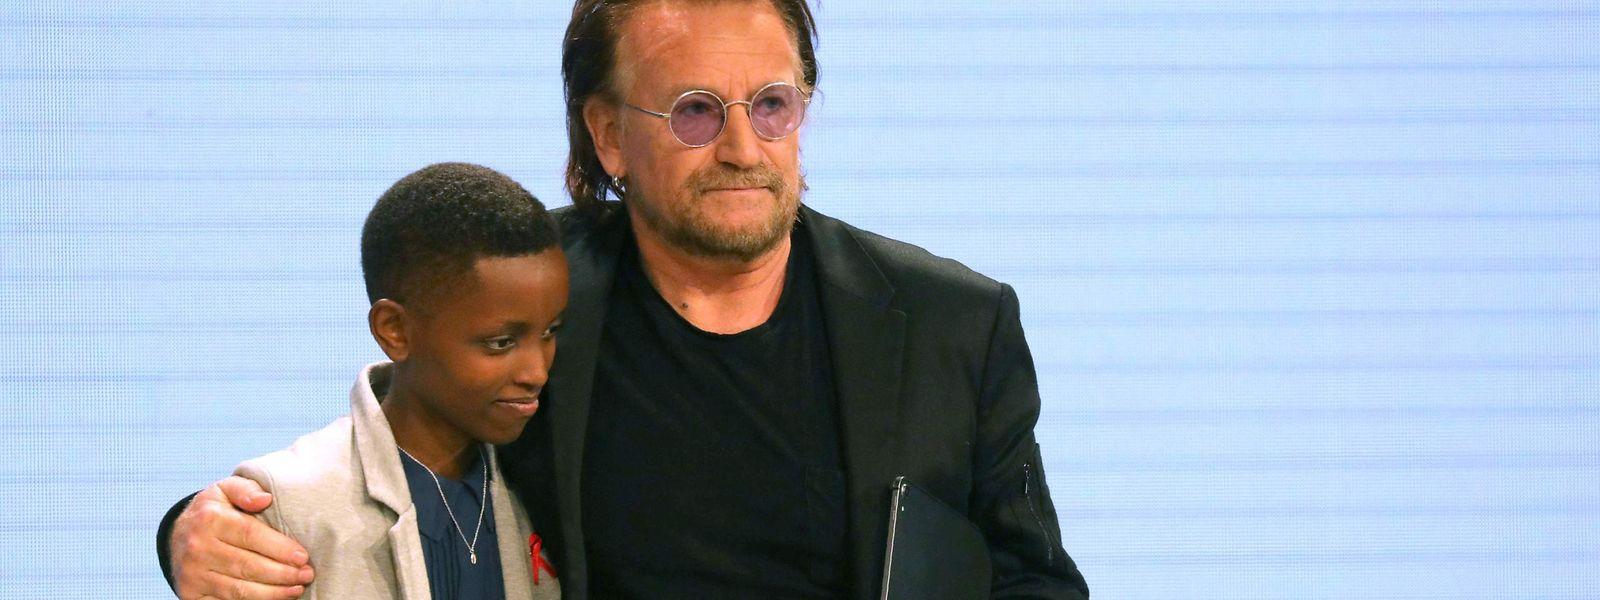 Parmi les personnalités ayant participé à ce forum, le chanteur Bono du groupe irlandais U2.